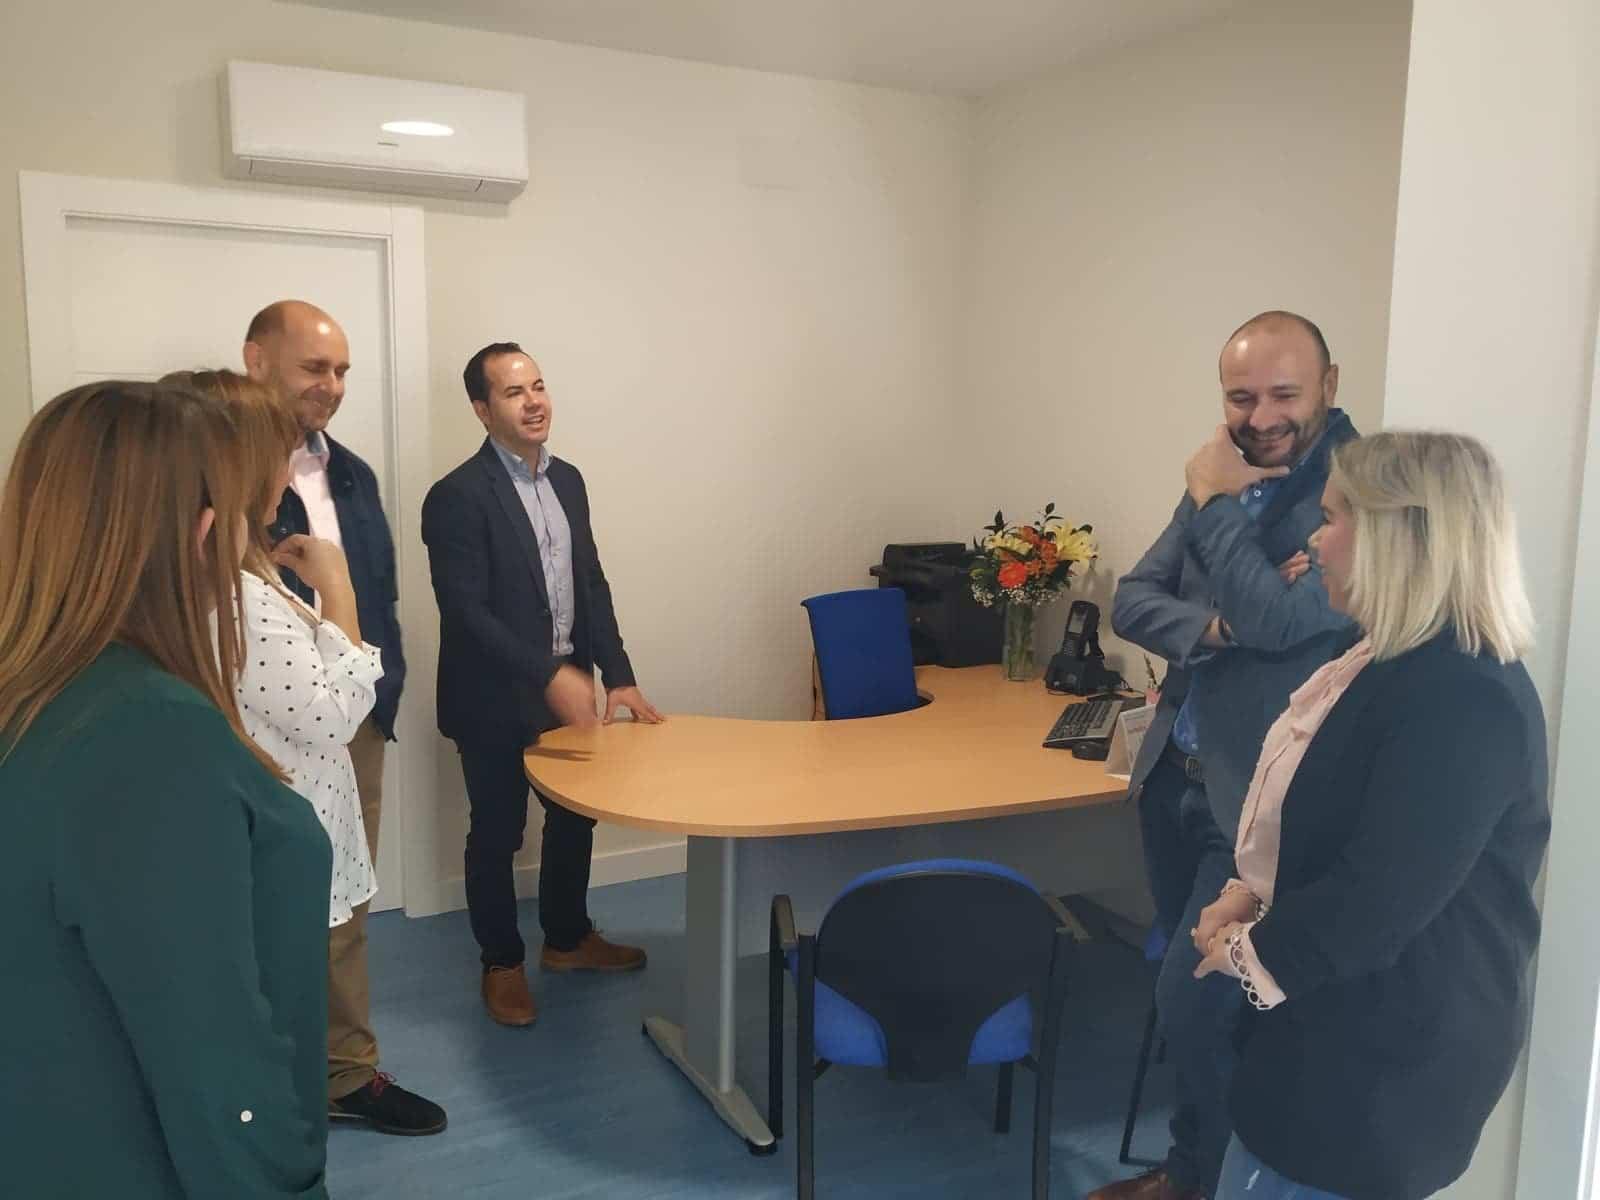 nueva sede emaser herencia 2 - Inaugurada la nueva oficina del Servicio de Aguas Emaser en Herencia